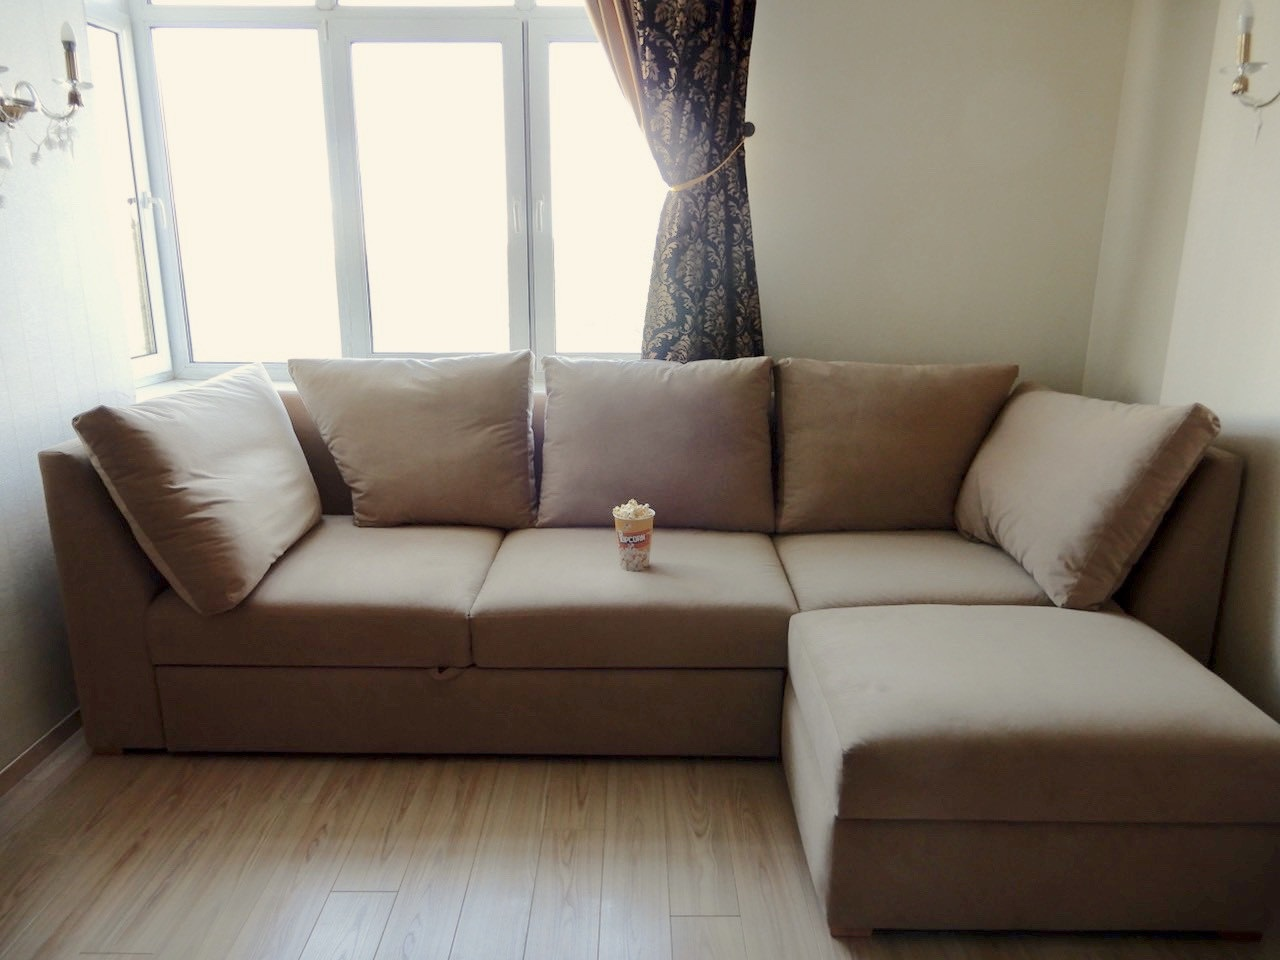 большой диван в маленькой комнате